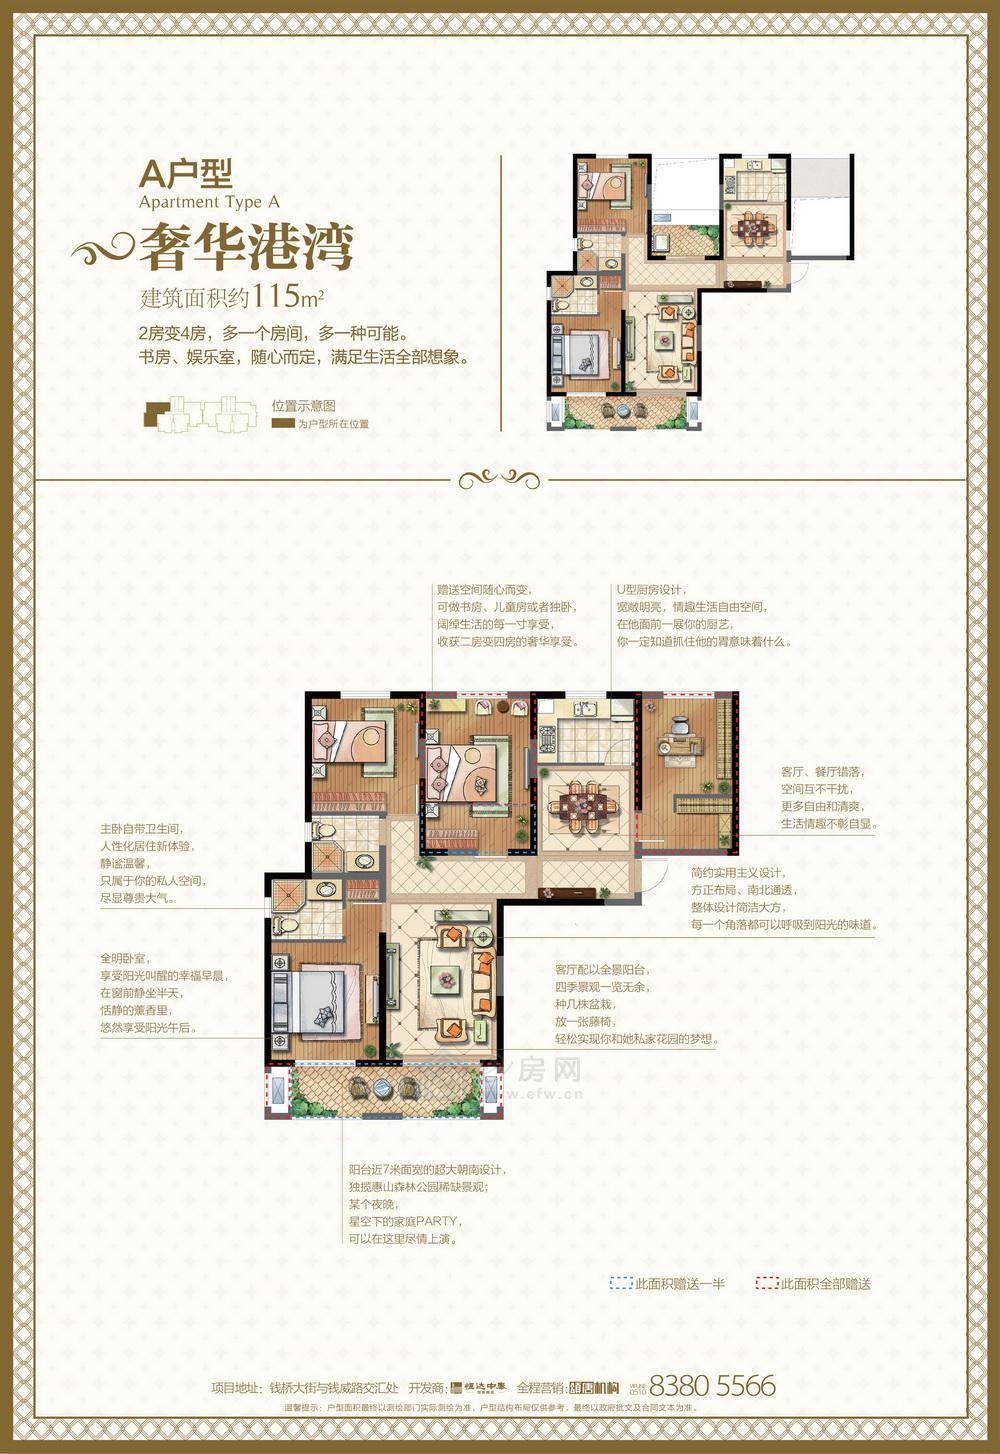 恒达·中环国际公馆,无锡恒达·中环国际公馆户型图